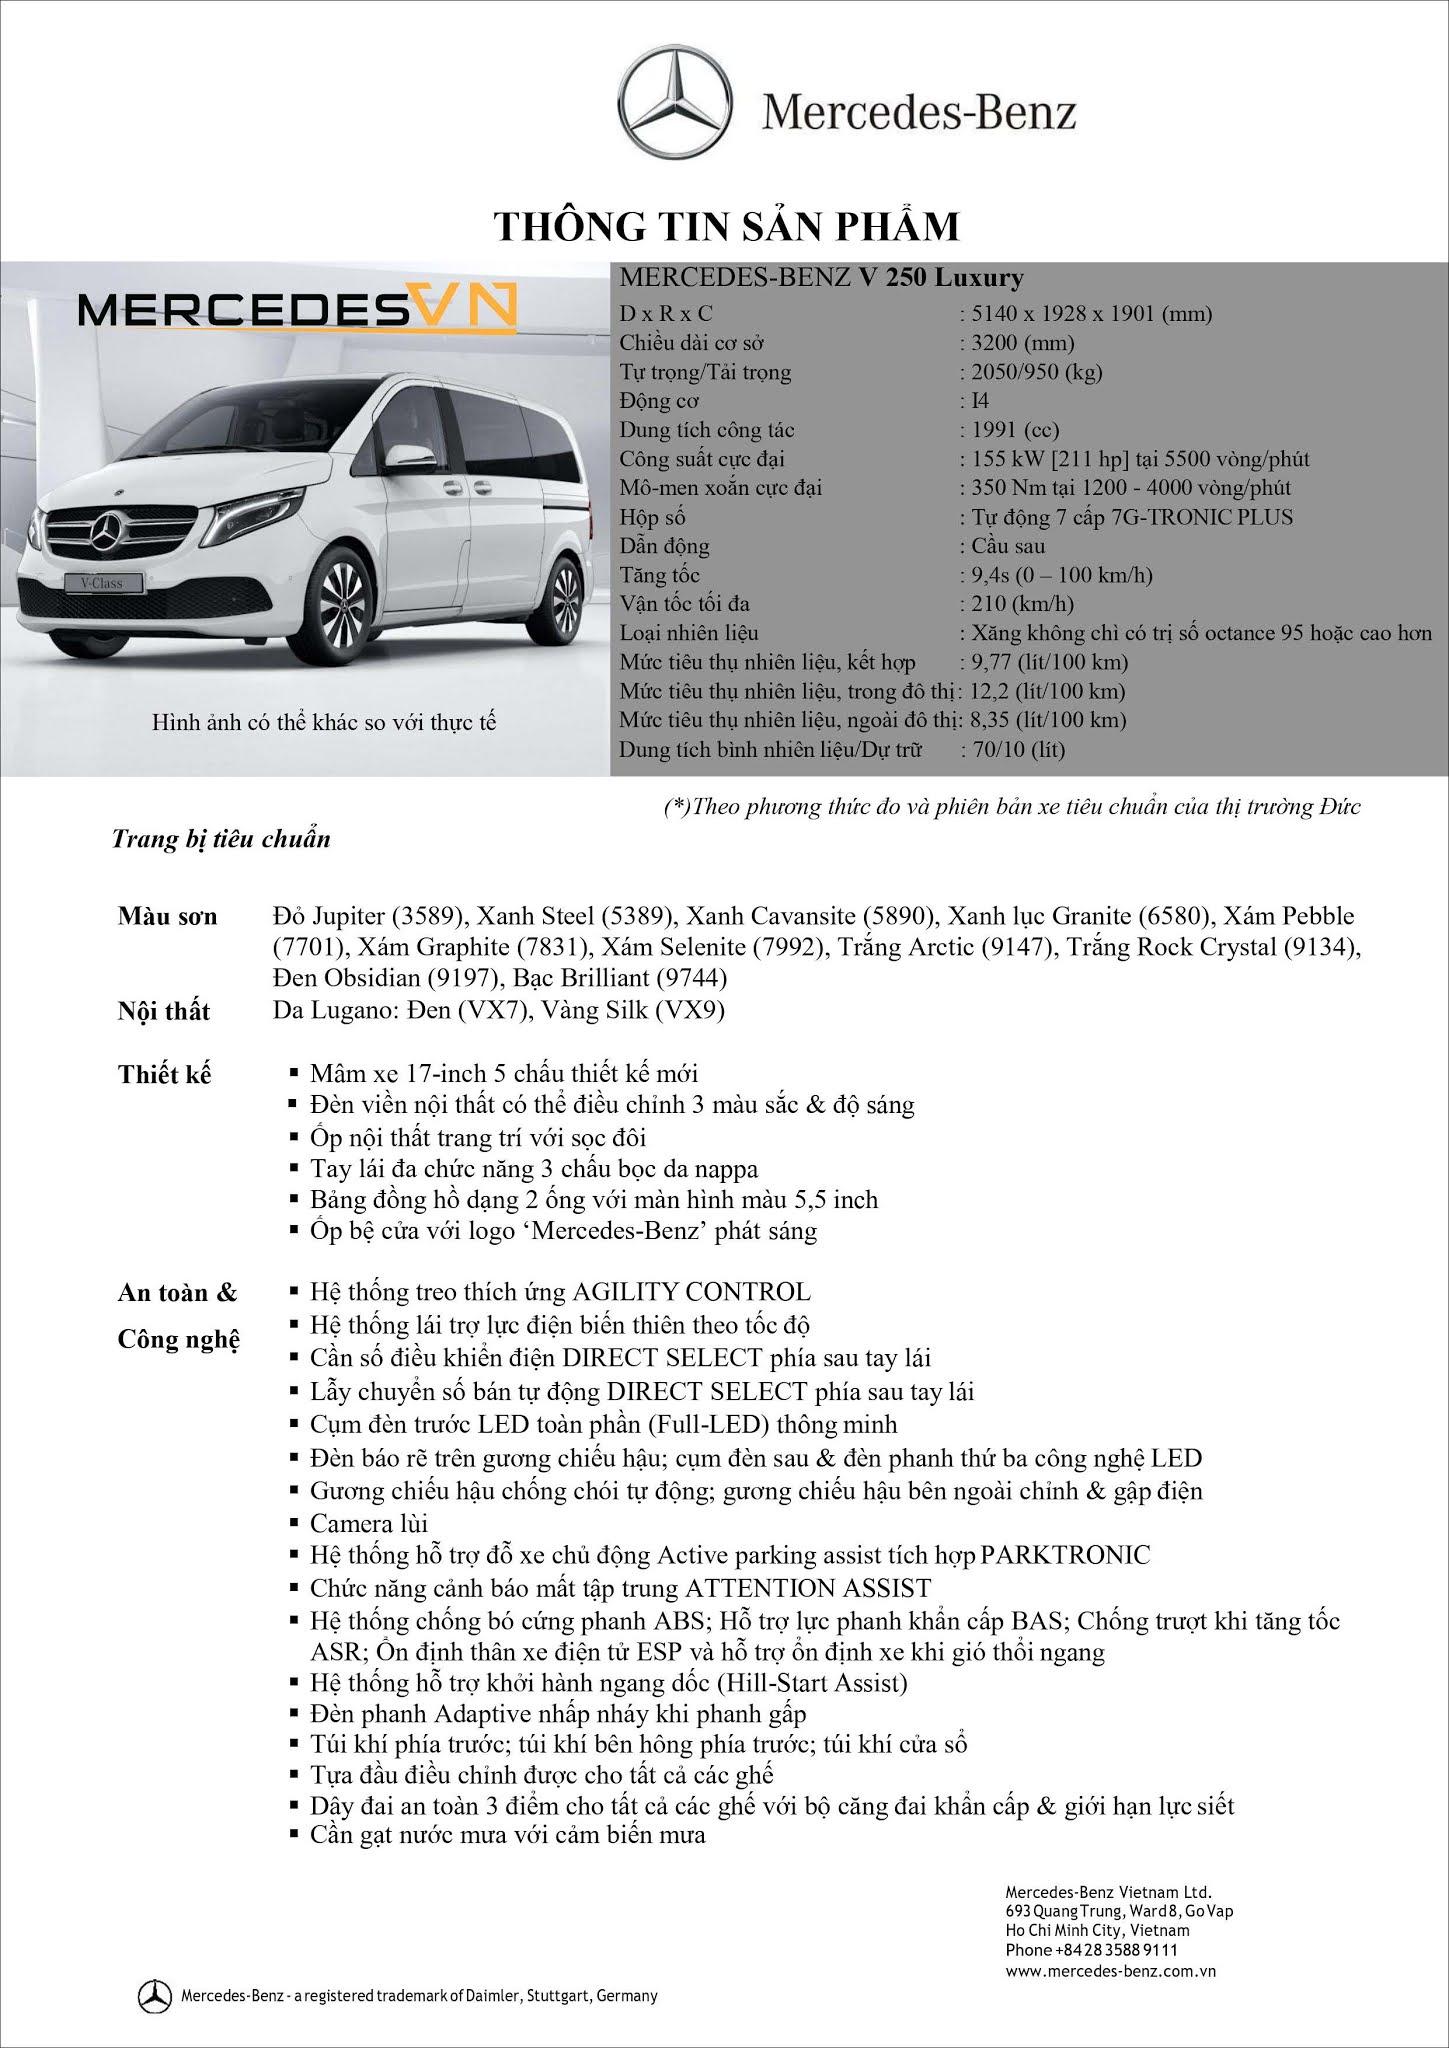 Bảng thông số kỹ thuật Mercedes V250 Luxury 2021